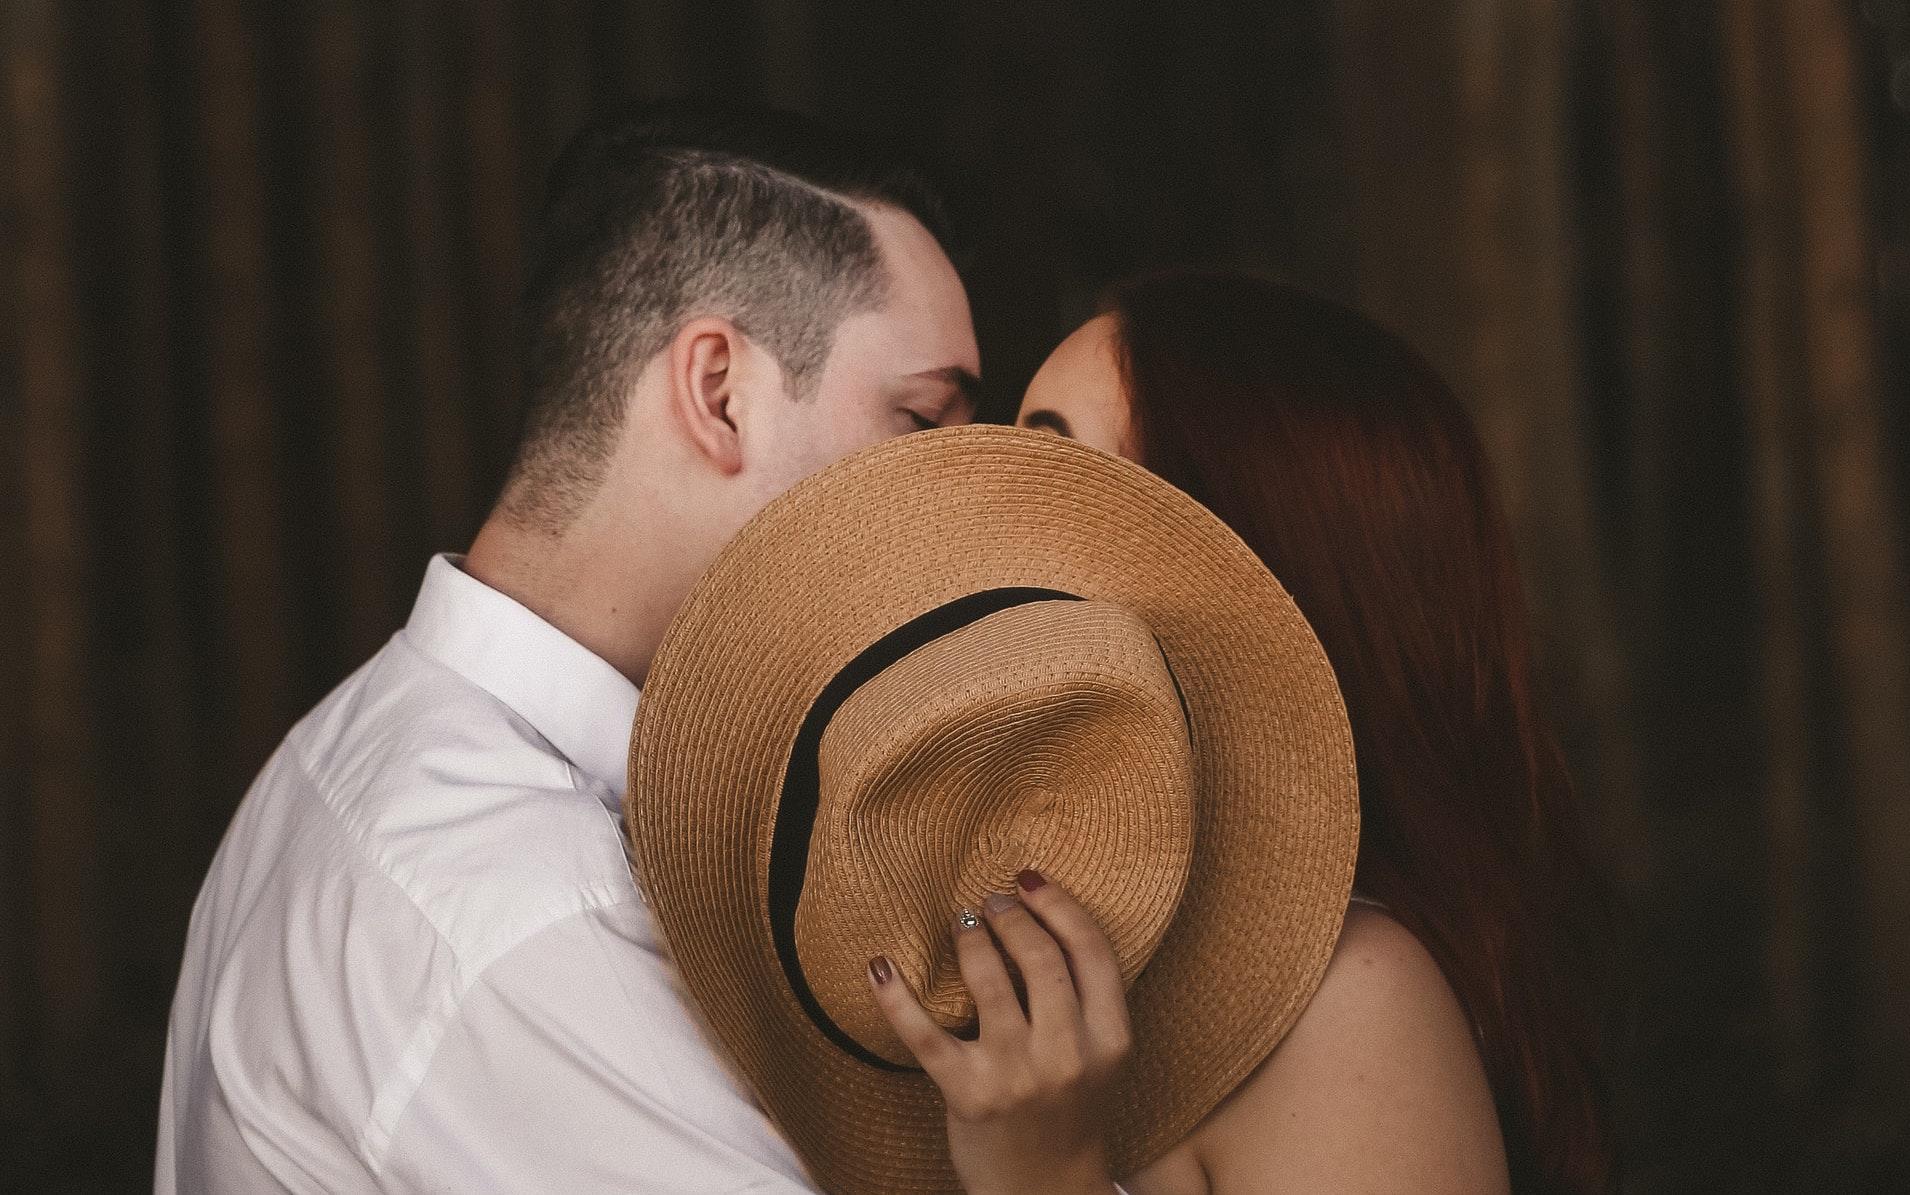 新しい人とやるとセックスにクセがつく?エロいキス、前戯などクセポイント